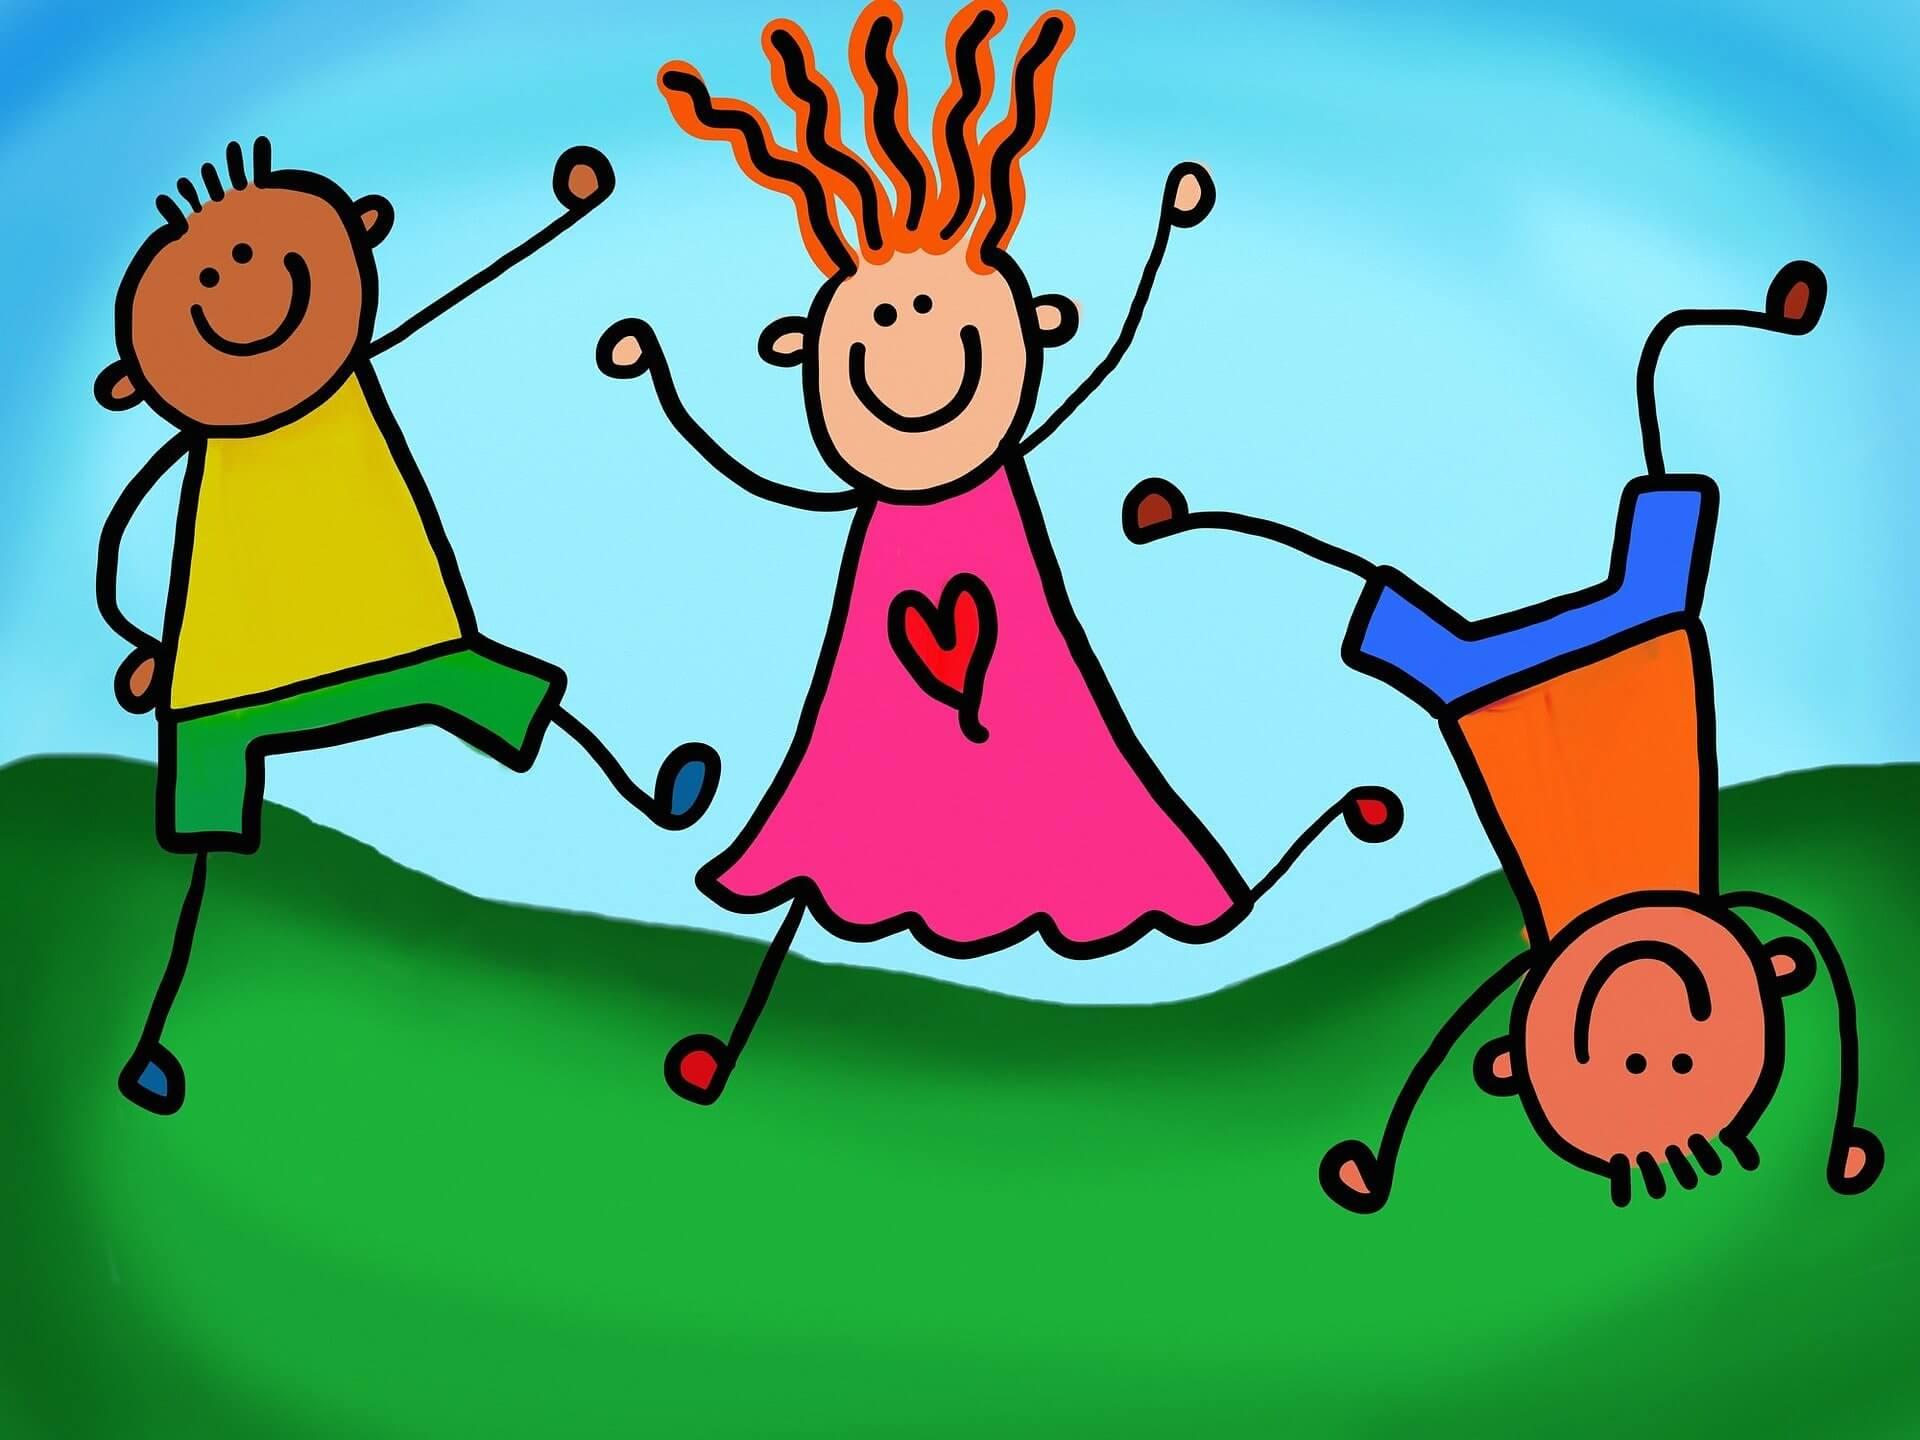 Notbetreuung für Kinder während der Corona-Krise (c) Prawny / pixabay.de